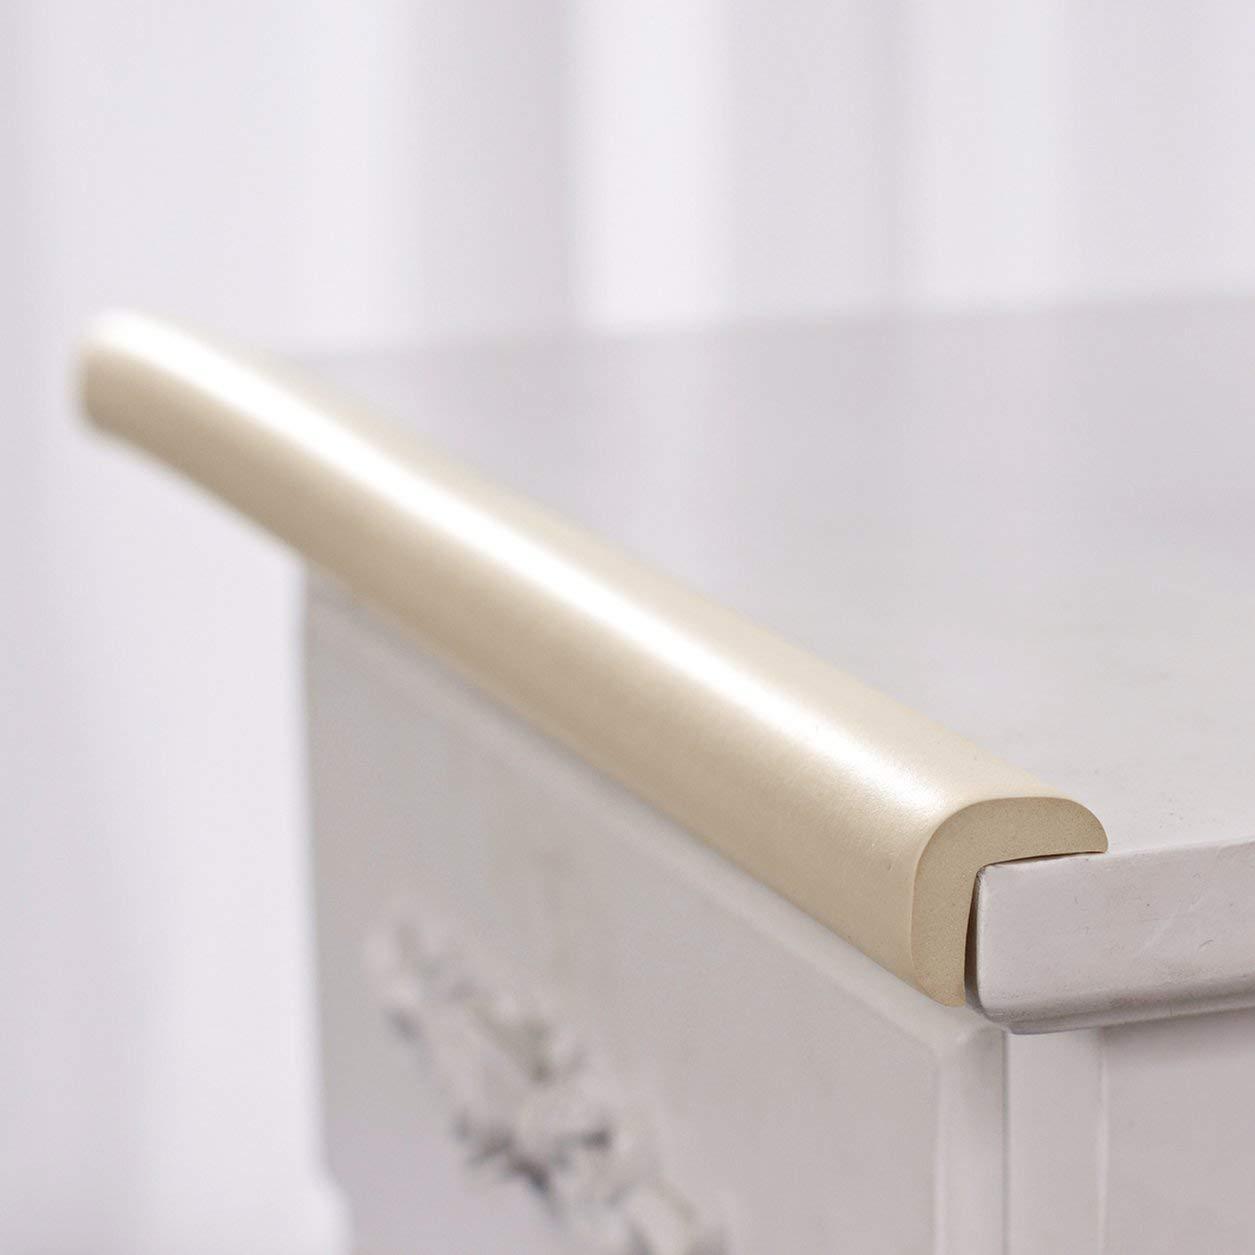 Dailyinshop Spessore del Bordo del Tavolo Protezione per la scrivania Protezione per la scrivania Rullo per la Sicurezza del Bambino Colore: Beige